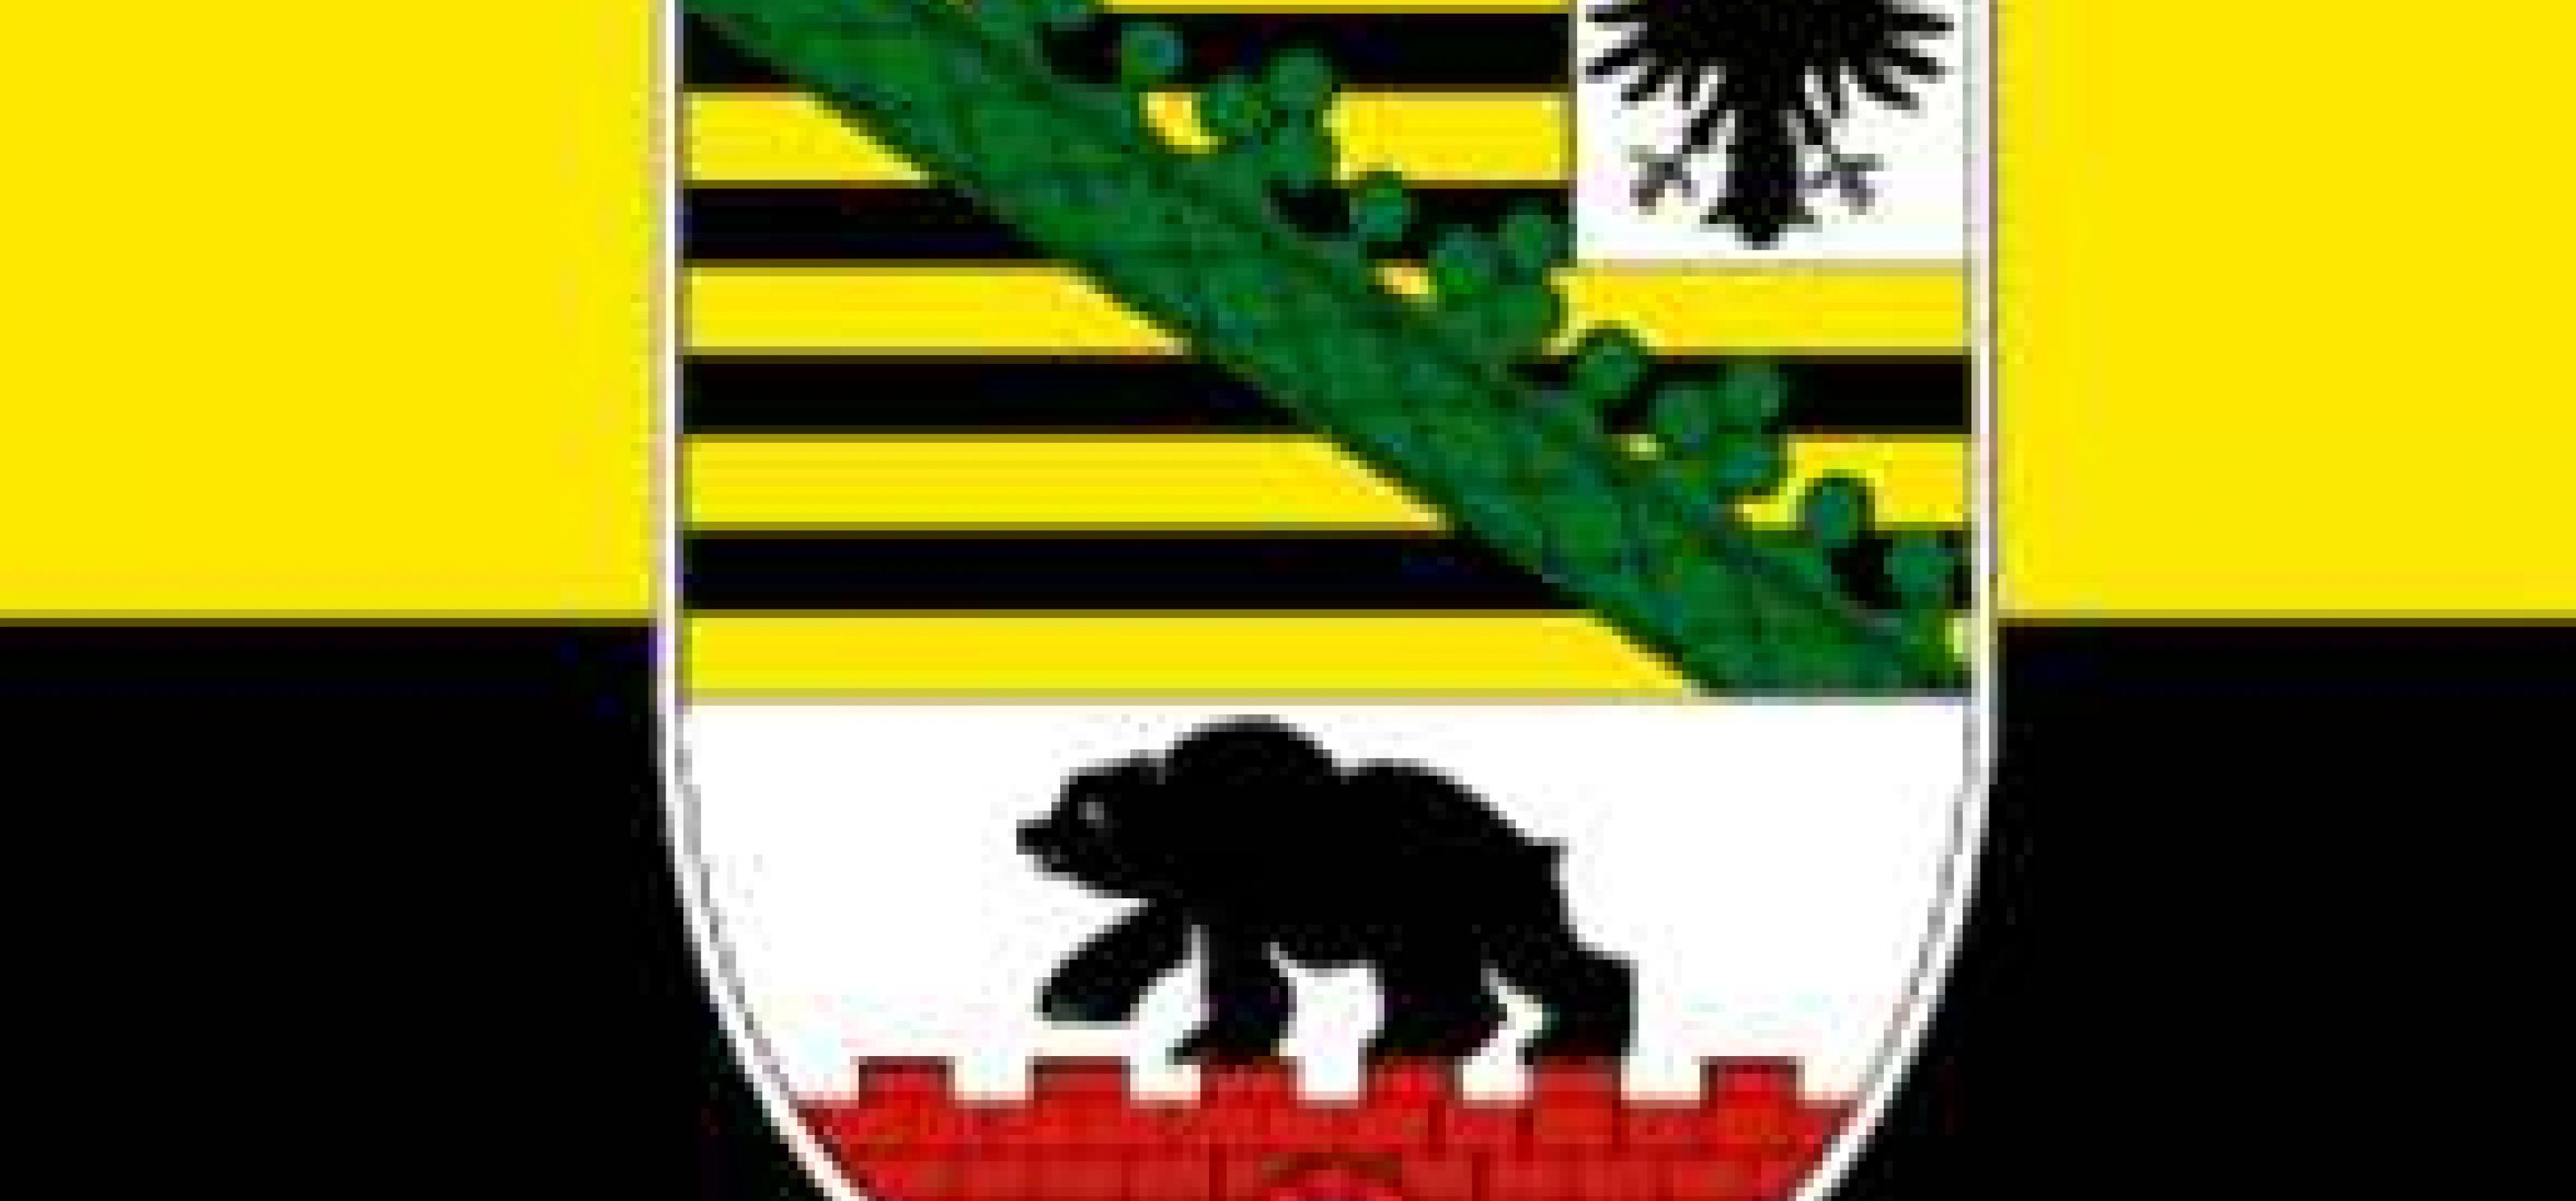 Das Wappen Sachsen-Anhalts